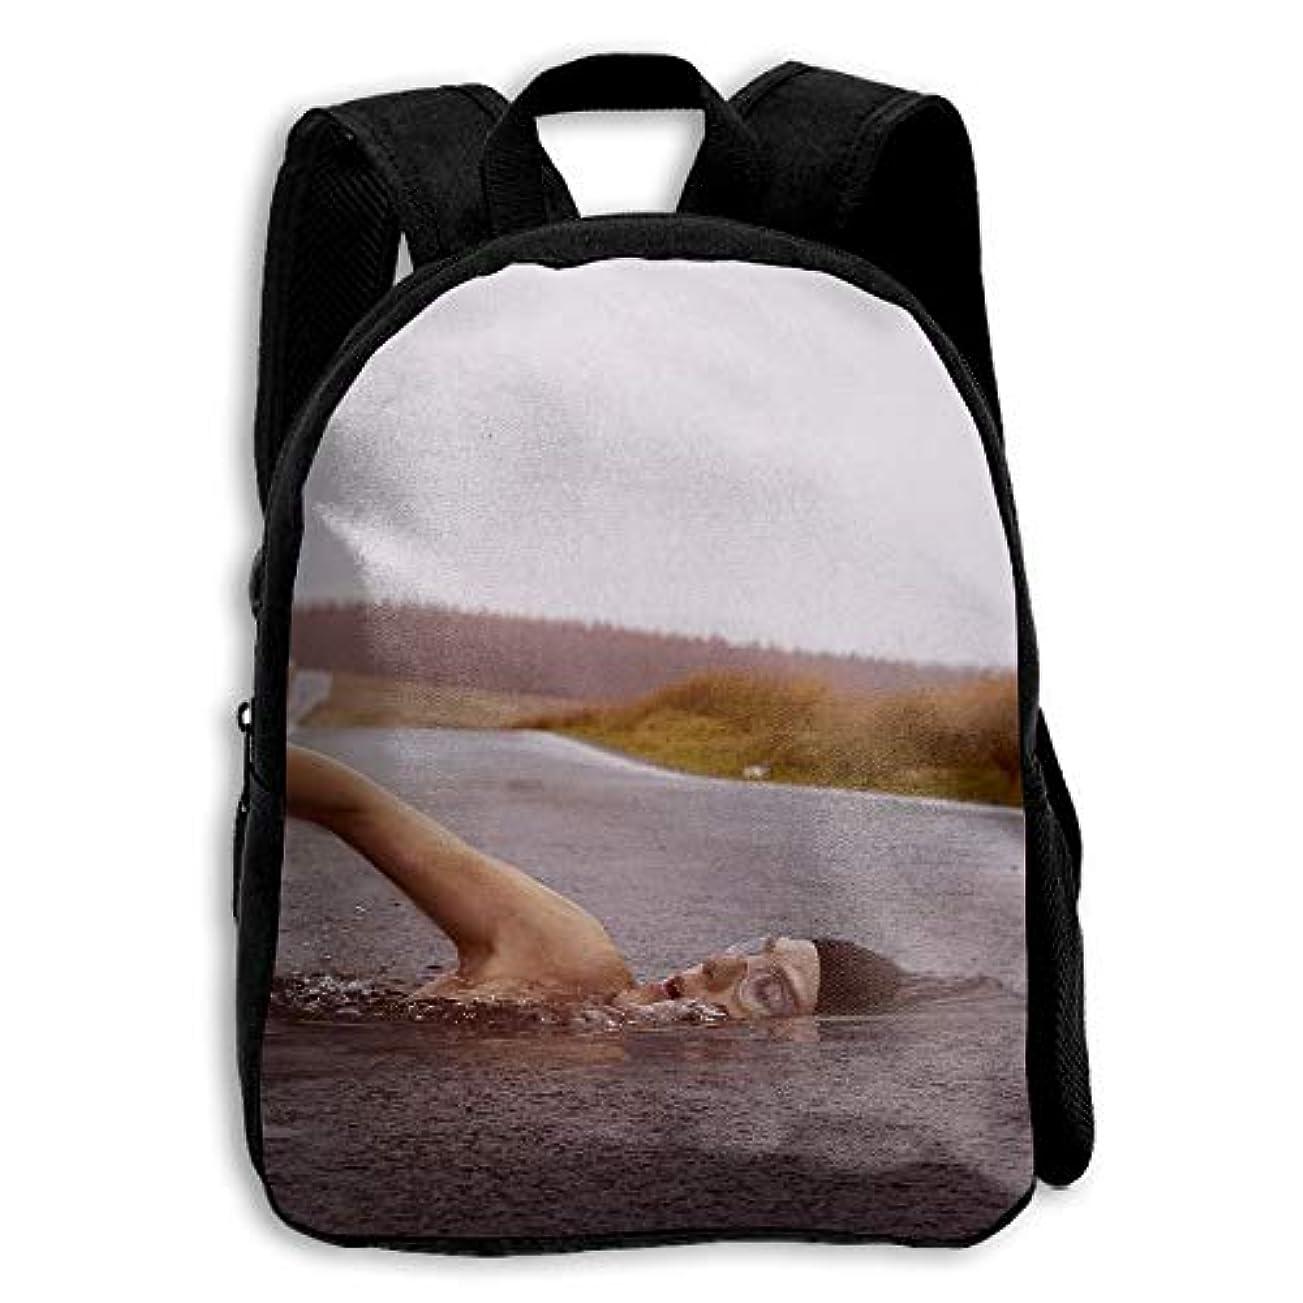 魅了するブルーベル征服するキッズ バックパック 子供用 リュックサック 水泳 ショルダー デイパック アウトドア 男の子 女の子 通学 旅行 遠足